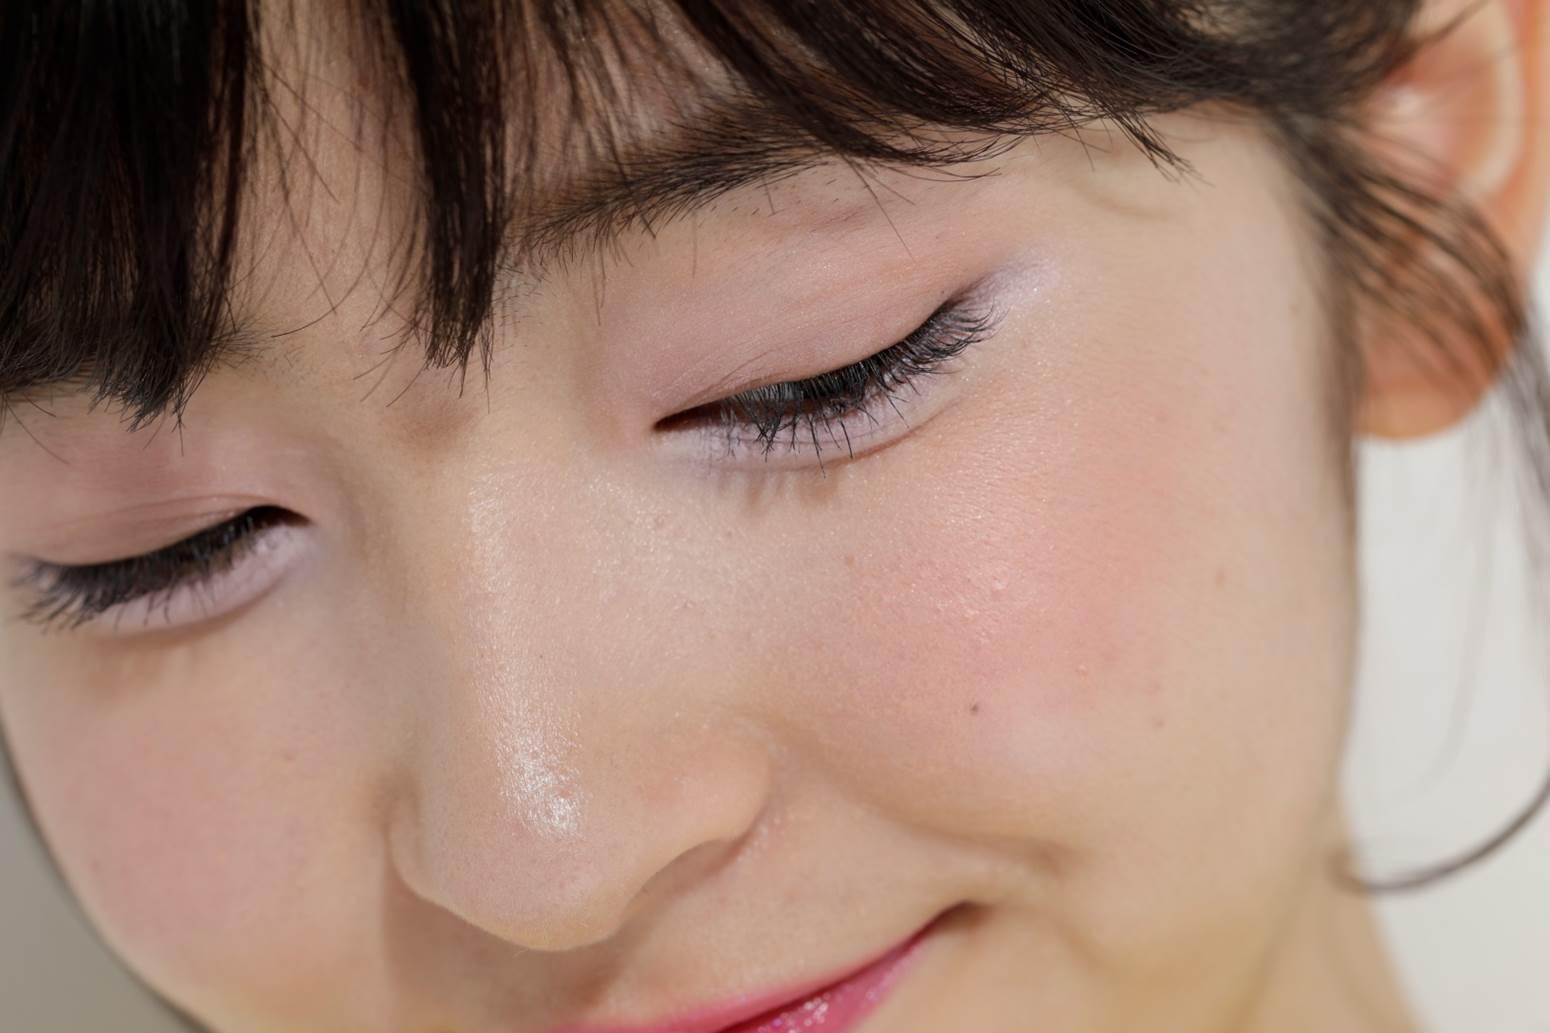 ゆかた kimono yukata how to ヘアメイク9